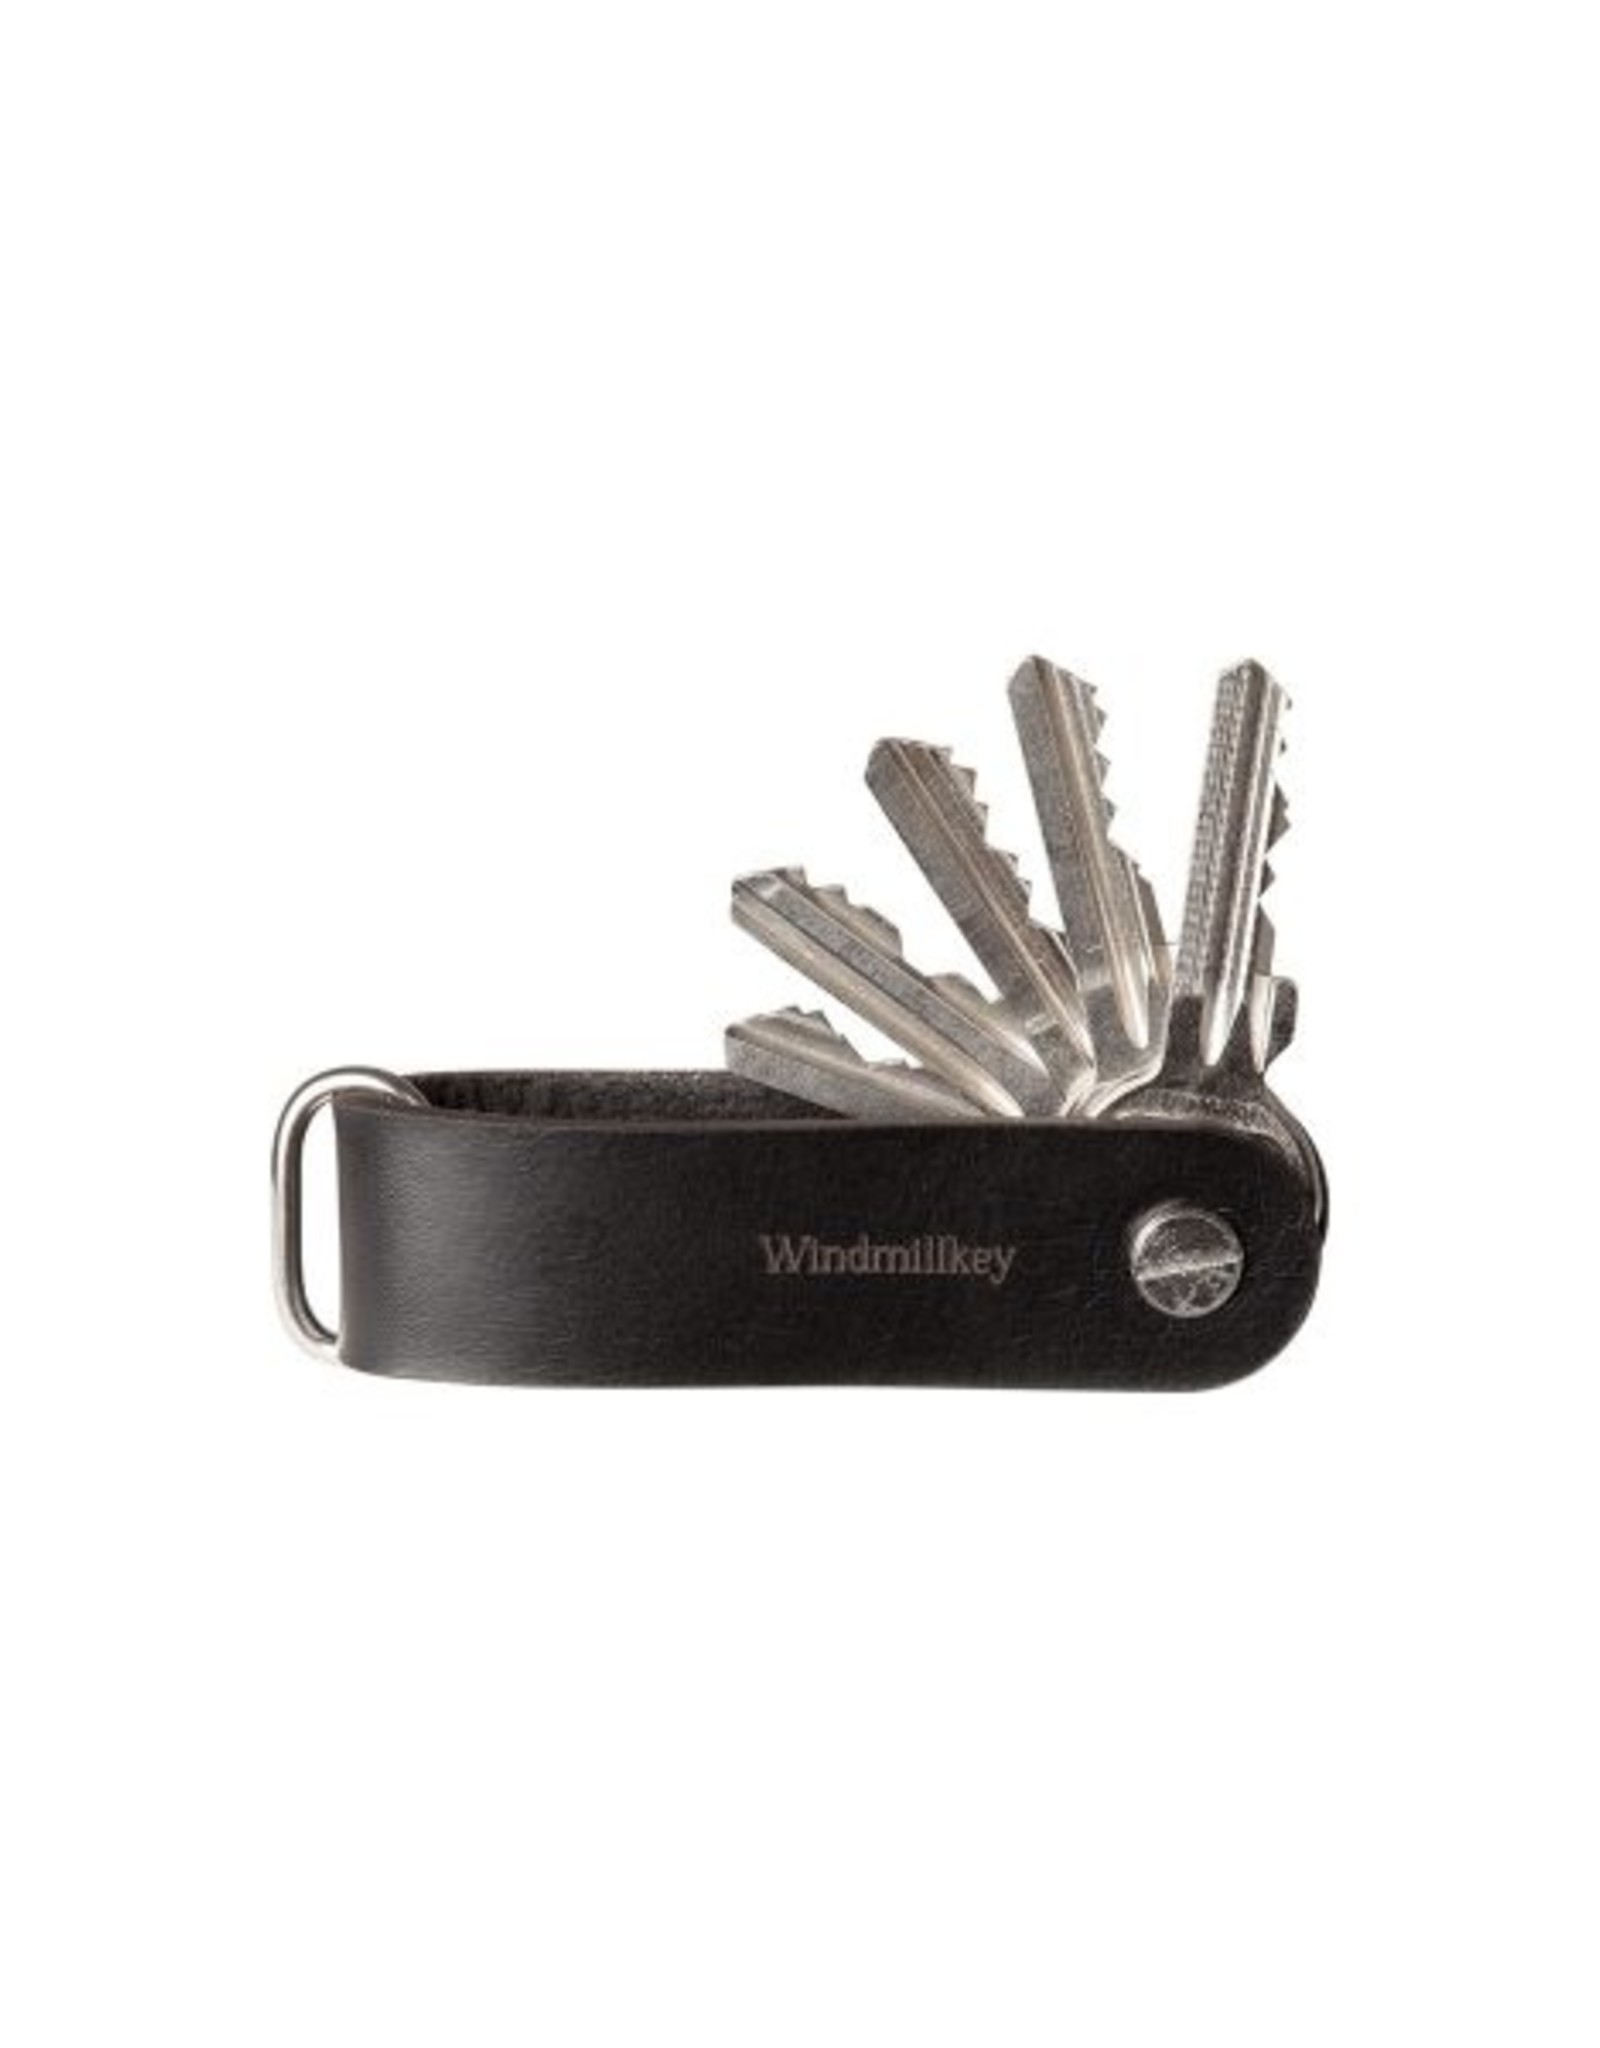 Windmillkey Windmillkey-Key Organizer